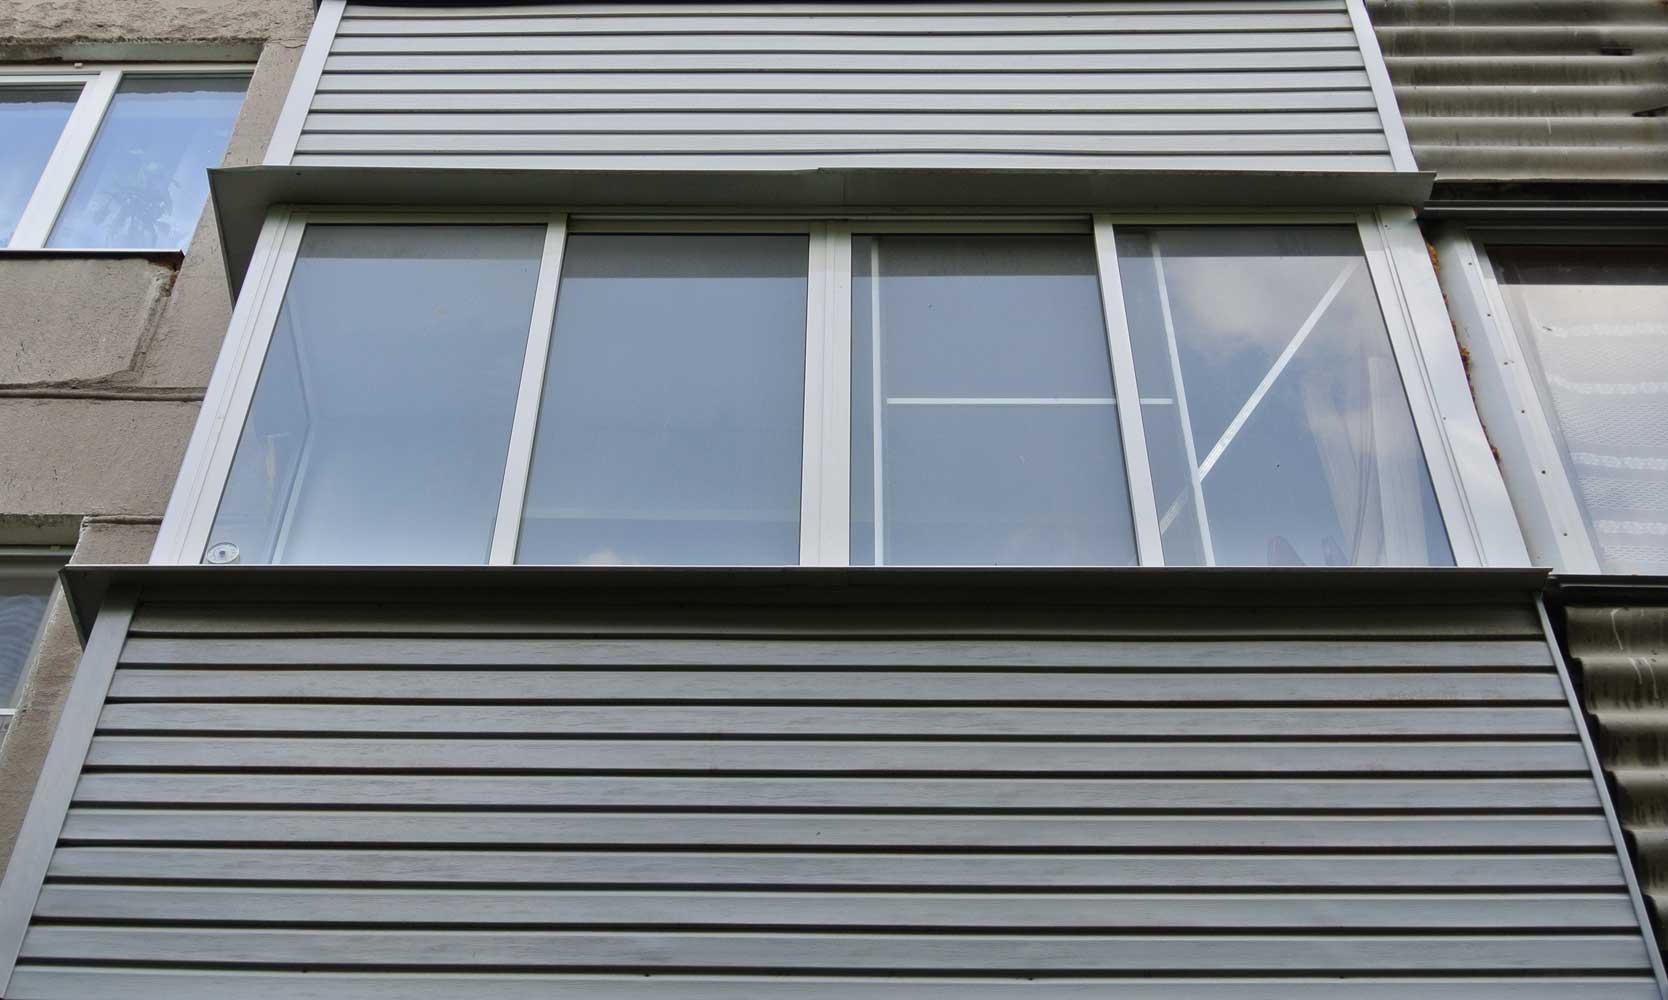 Отделка балкона сайдингом, обшивка балконов сайдингом, цены.